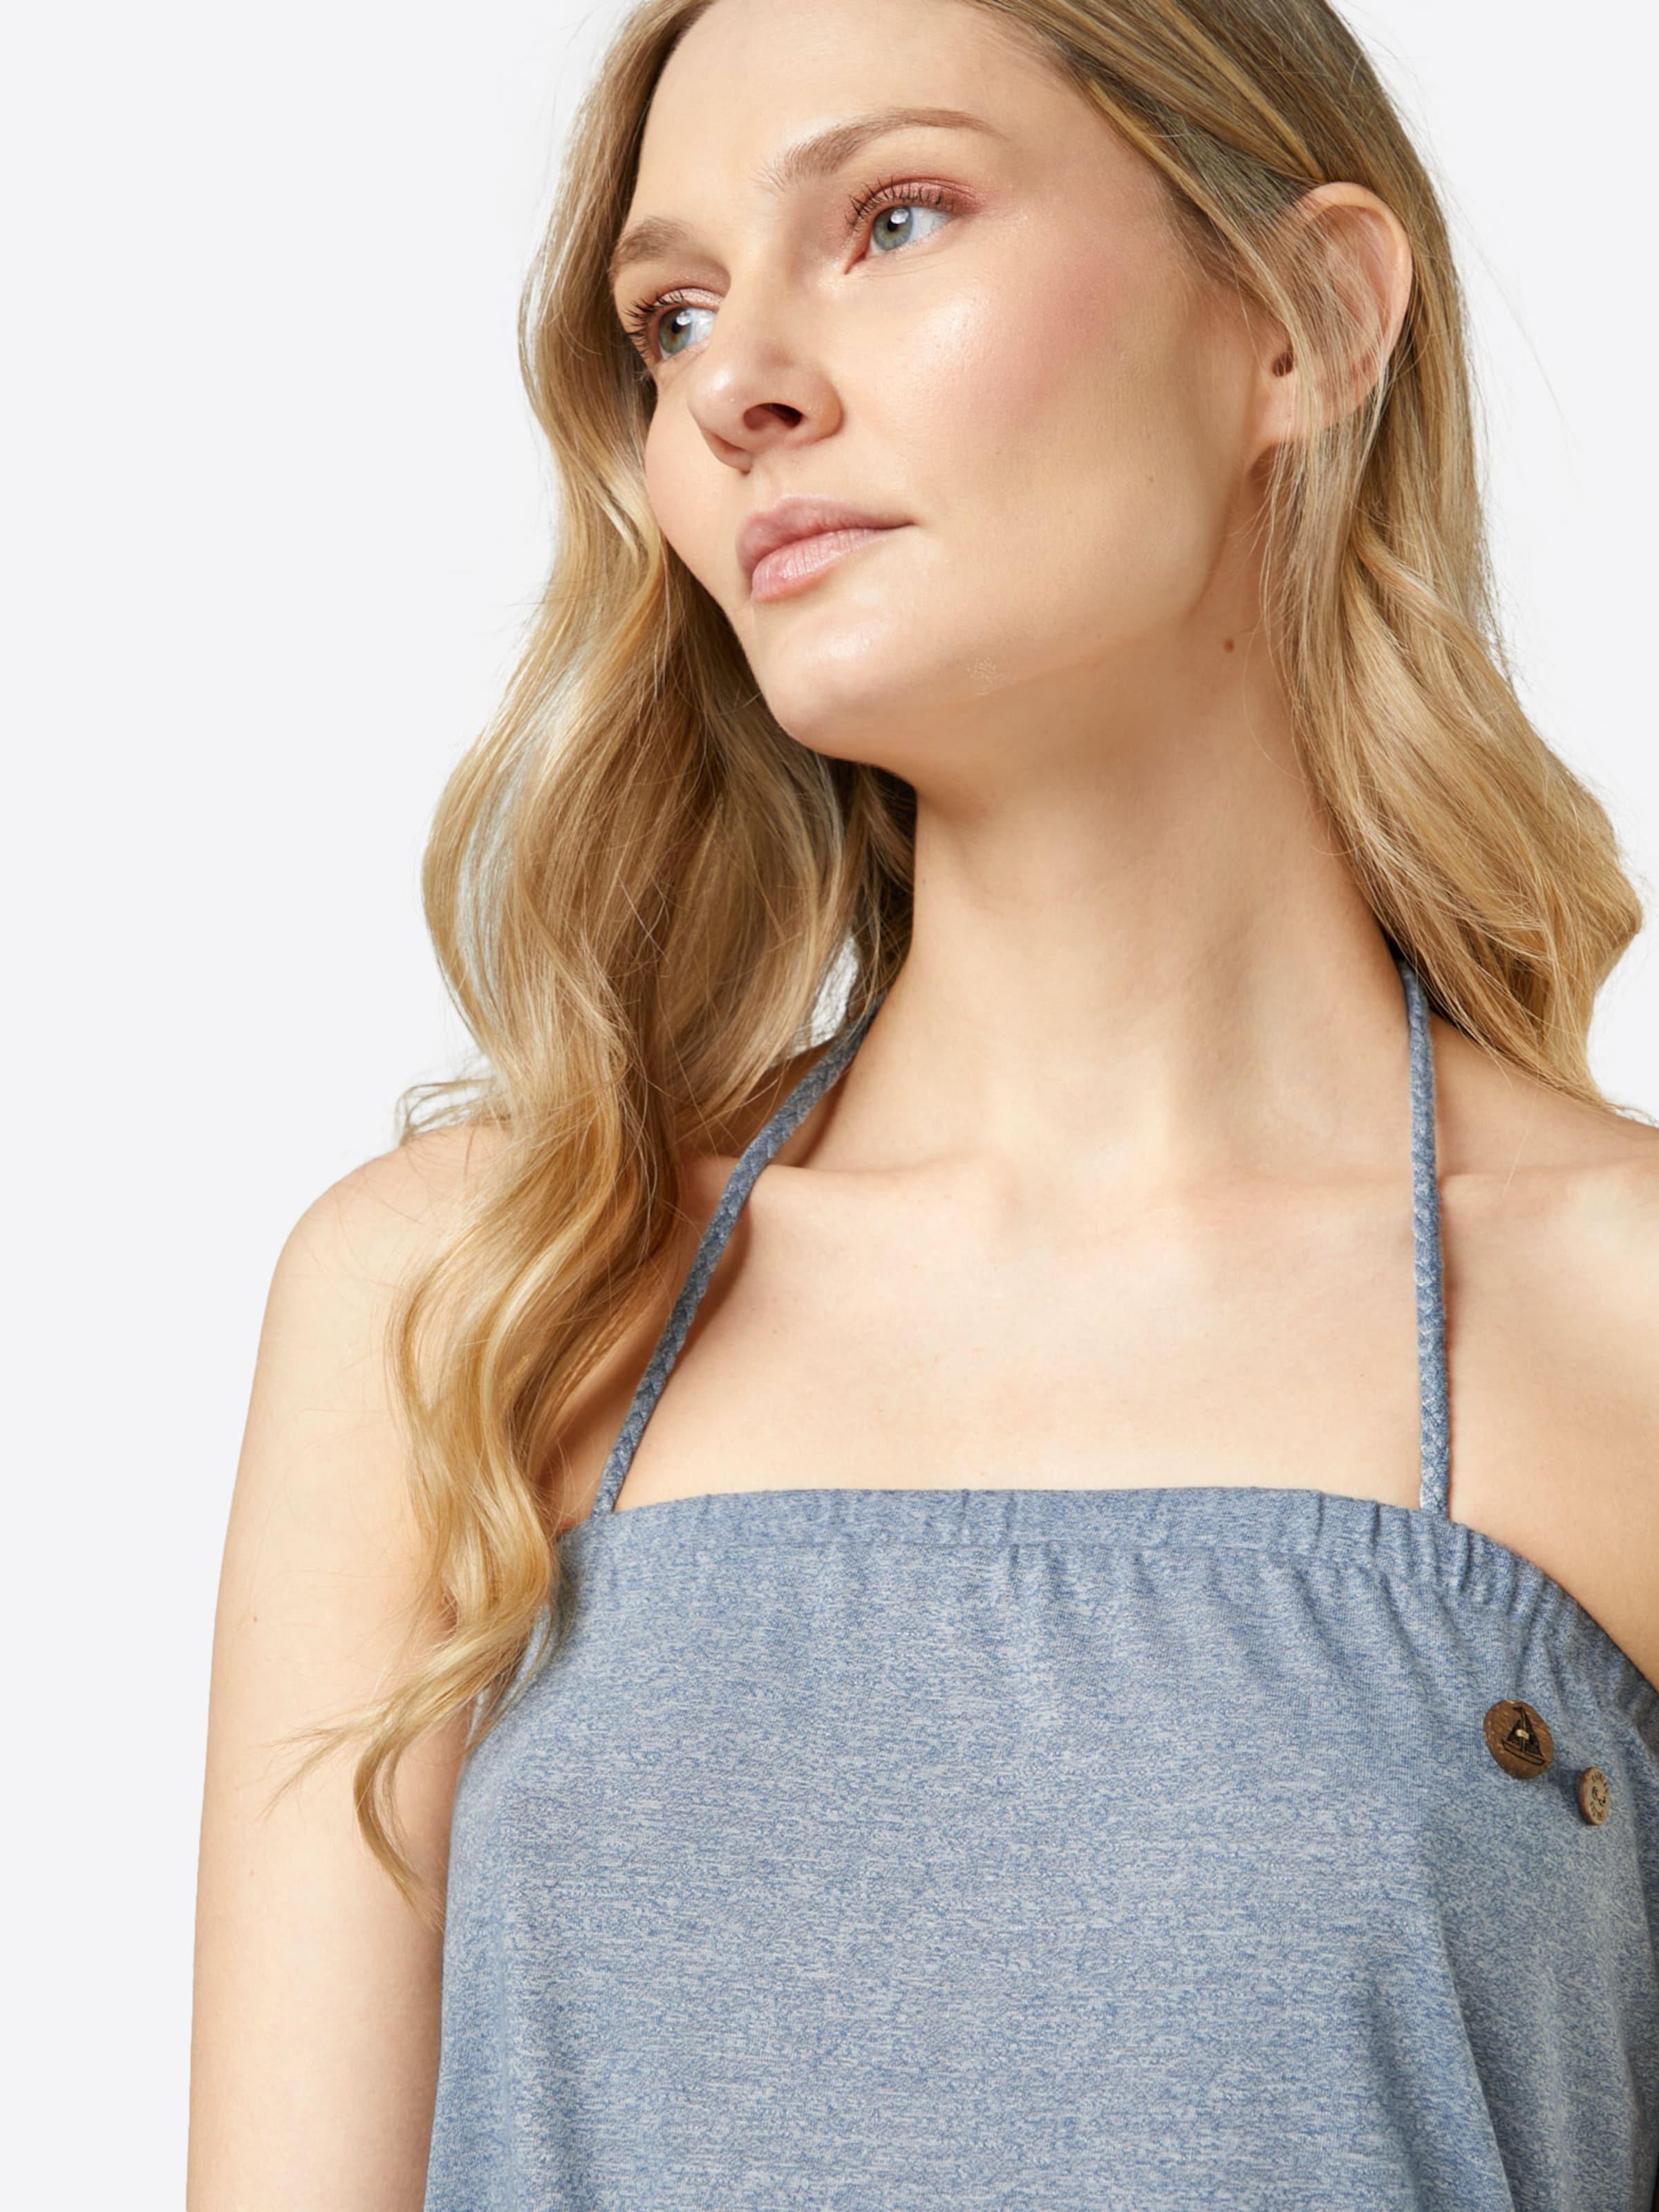 Geschäft Zum Verkauf Steckdose Niedrigsten Preis Ragwear Kleid 'CHICKA' Auslass Browse IfqR6vh